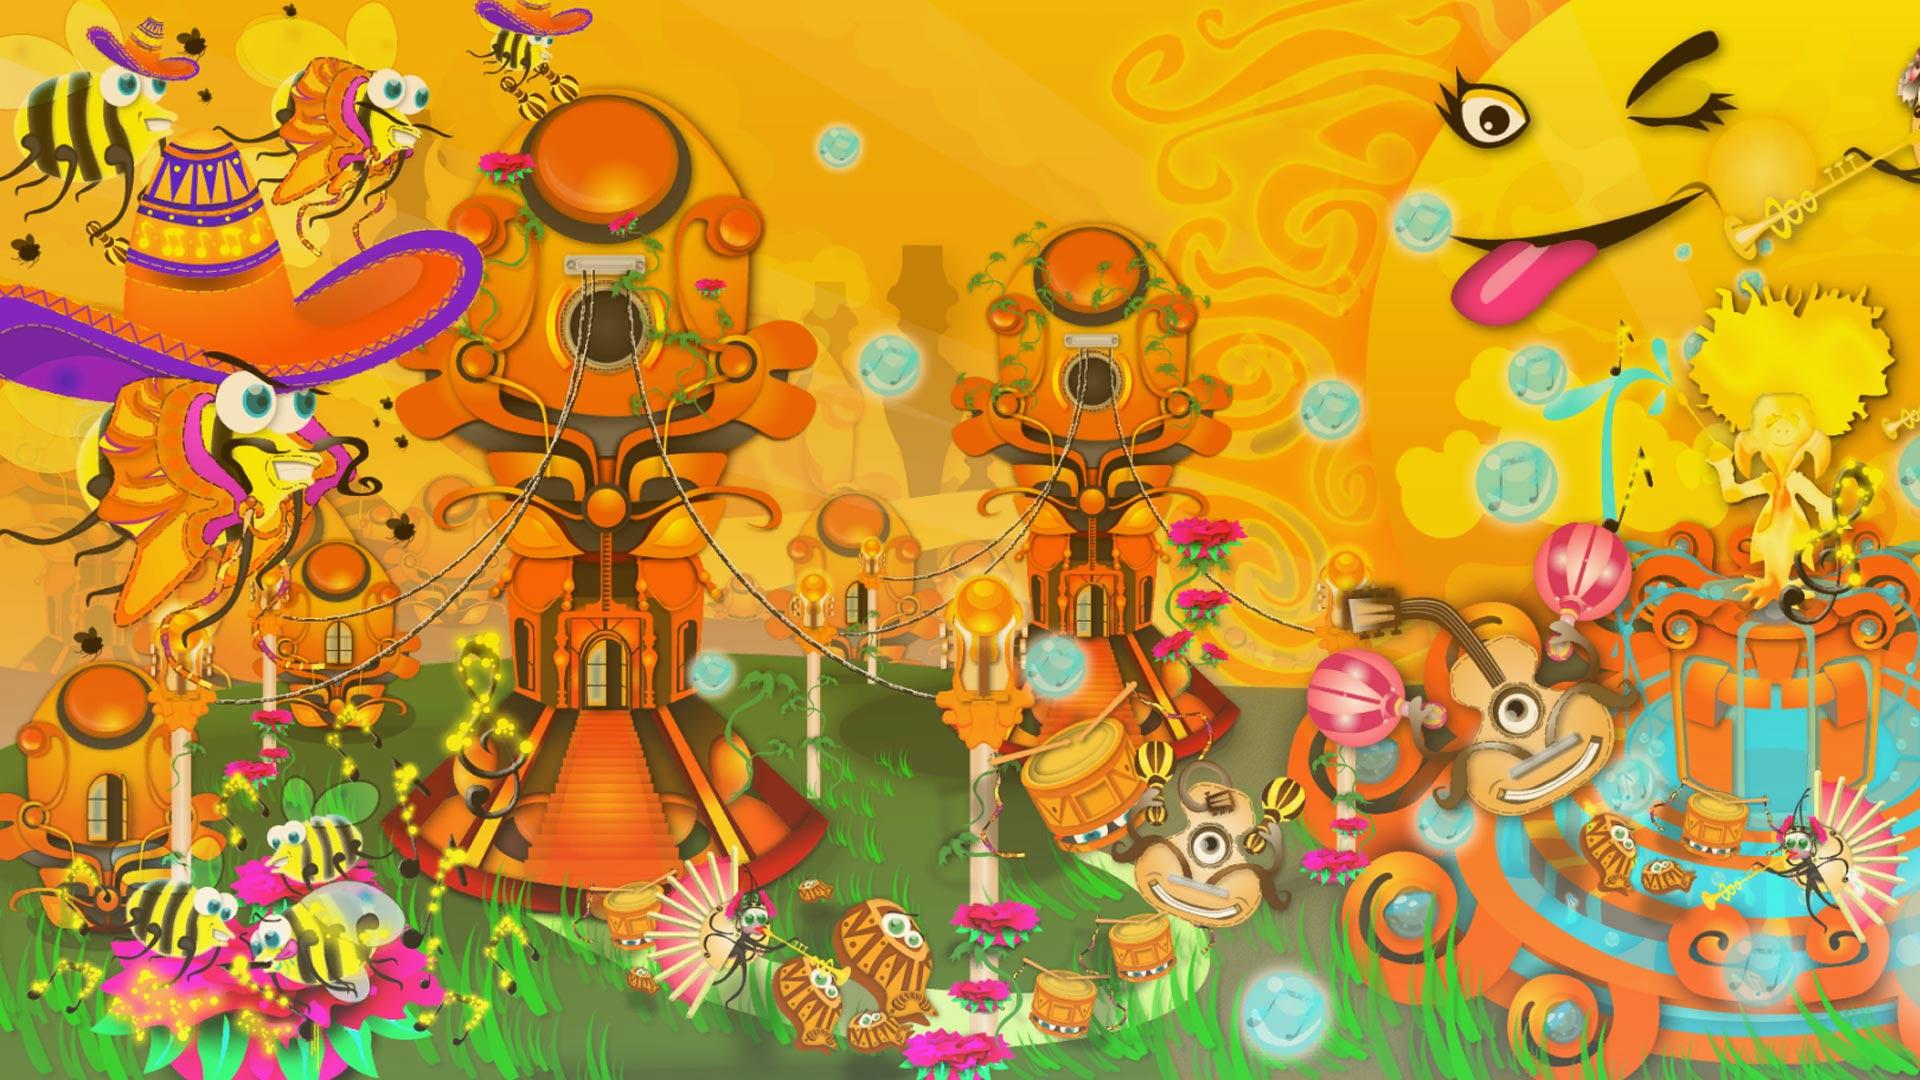 Gambar minion wallpaper android kumpulan wallpaper - Steamcardexchange net ...